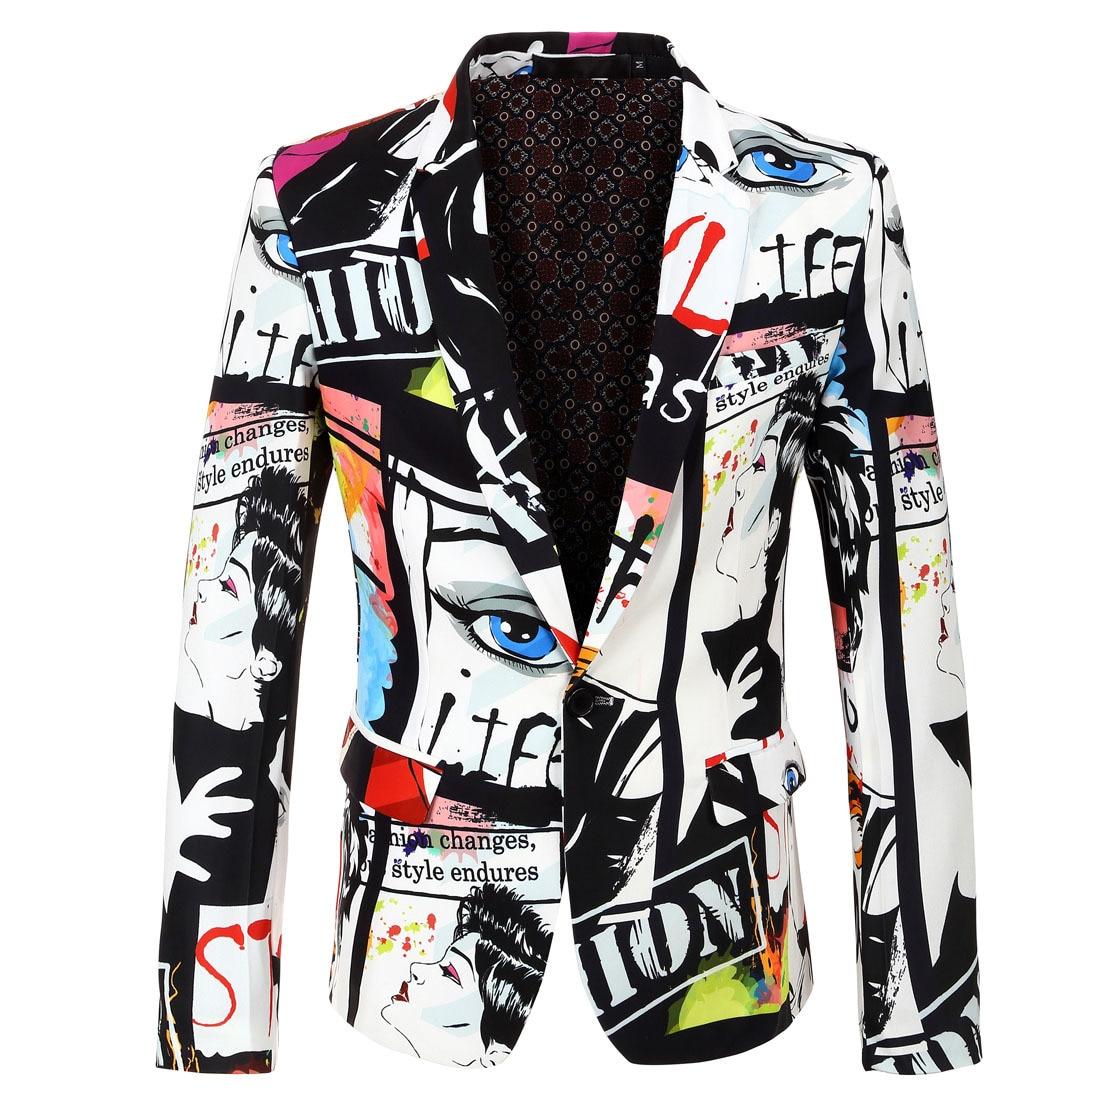 Mode rue hip hop impression mâle blazer boutique haut de gamme concepteur vêtements scène costume veste tendance moderne costume manteau